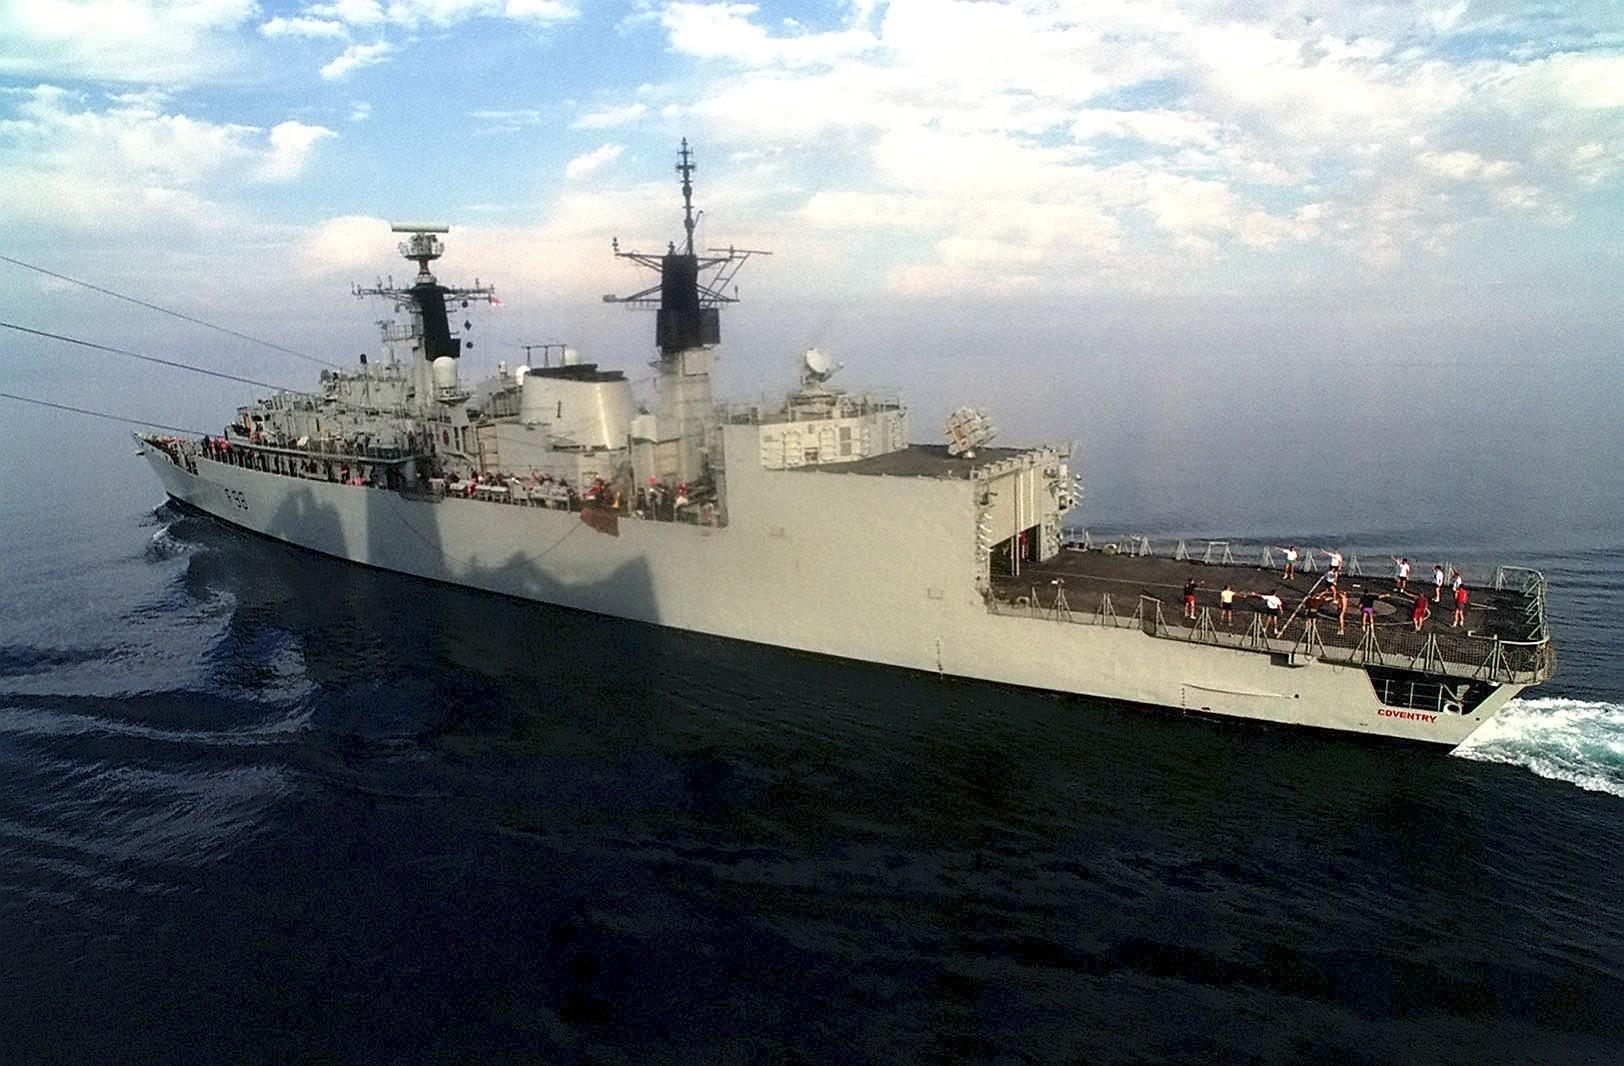 Великобритания потребовала обеспечить постоянное присутствие сил НАТО в Черном море - Цензор.НЕТ 2894